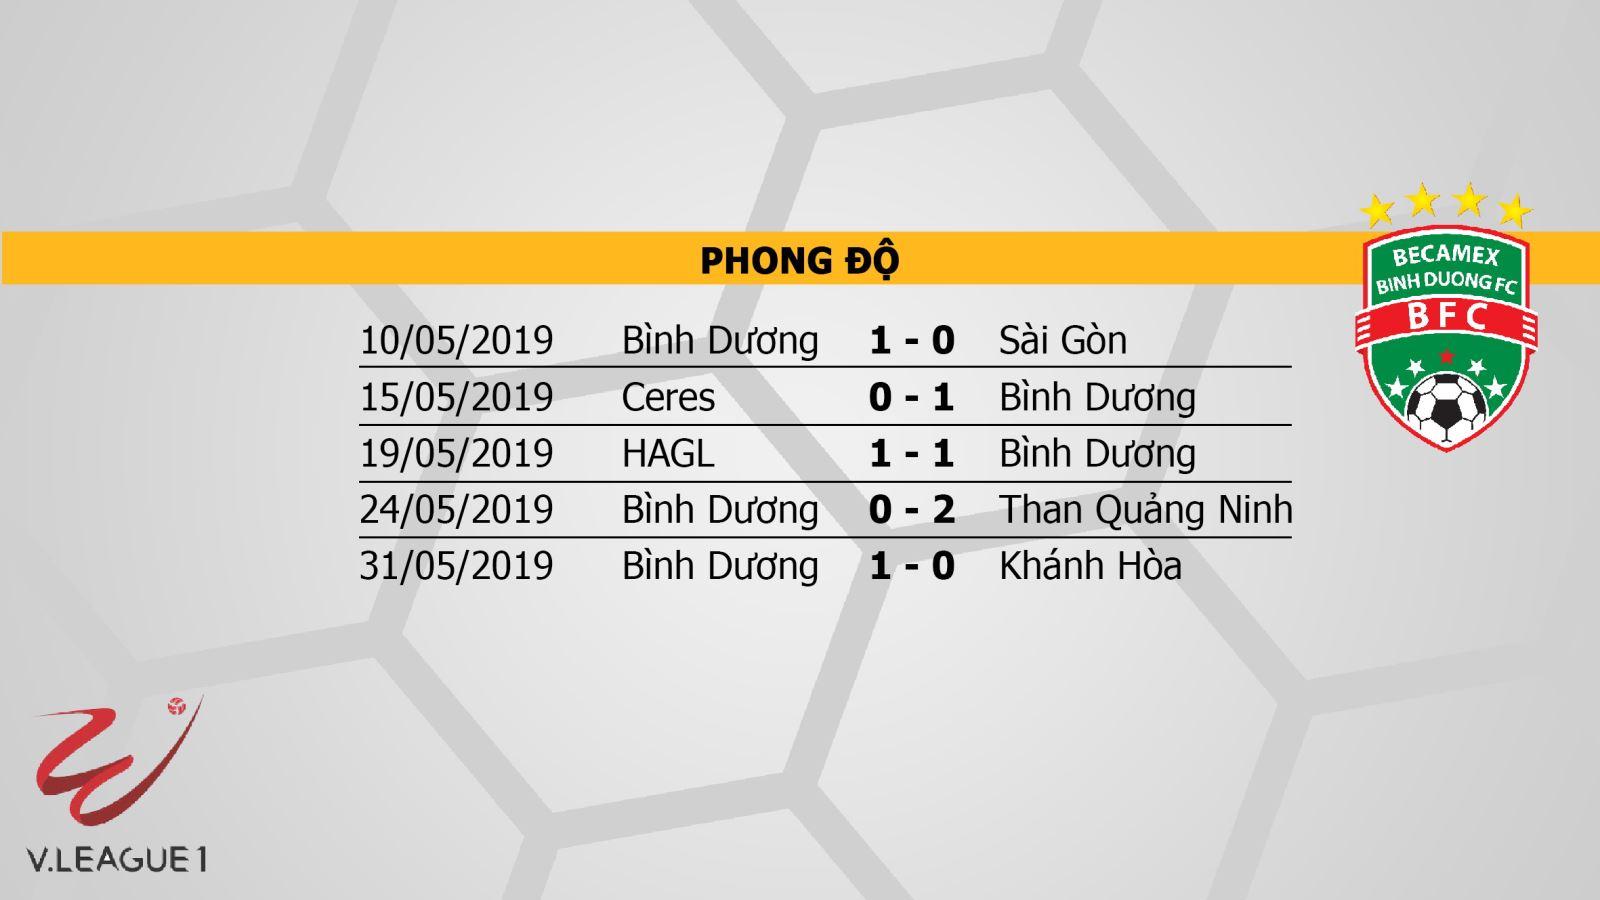 VTV6, FPT, BĐTV, trực tiếp bóng đá, Quảng Nam vs Bình Dương, V League 2019, truc tiep bong da, link truc tiep v league, xem bóng đá, Hà Nội vs Sài Gòn, vtv6 trực tiếp